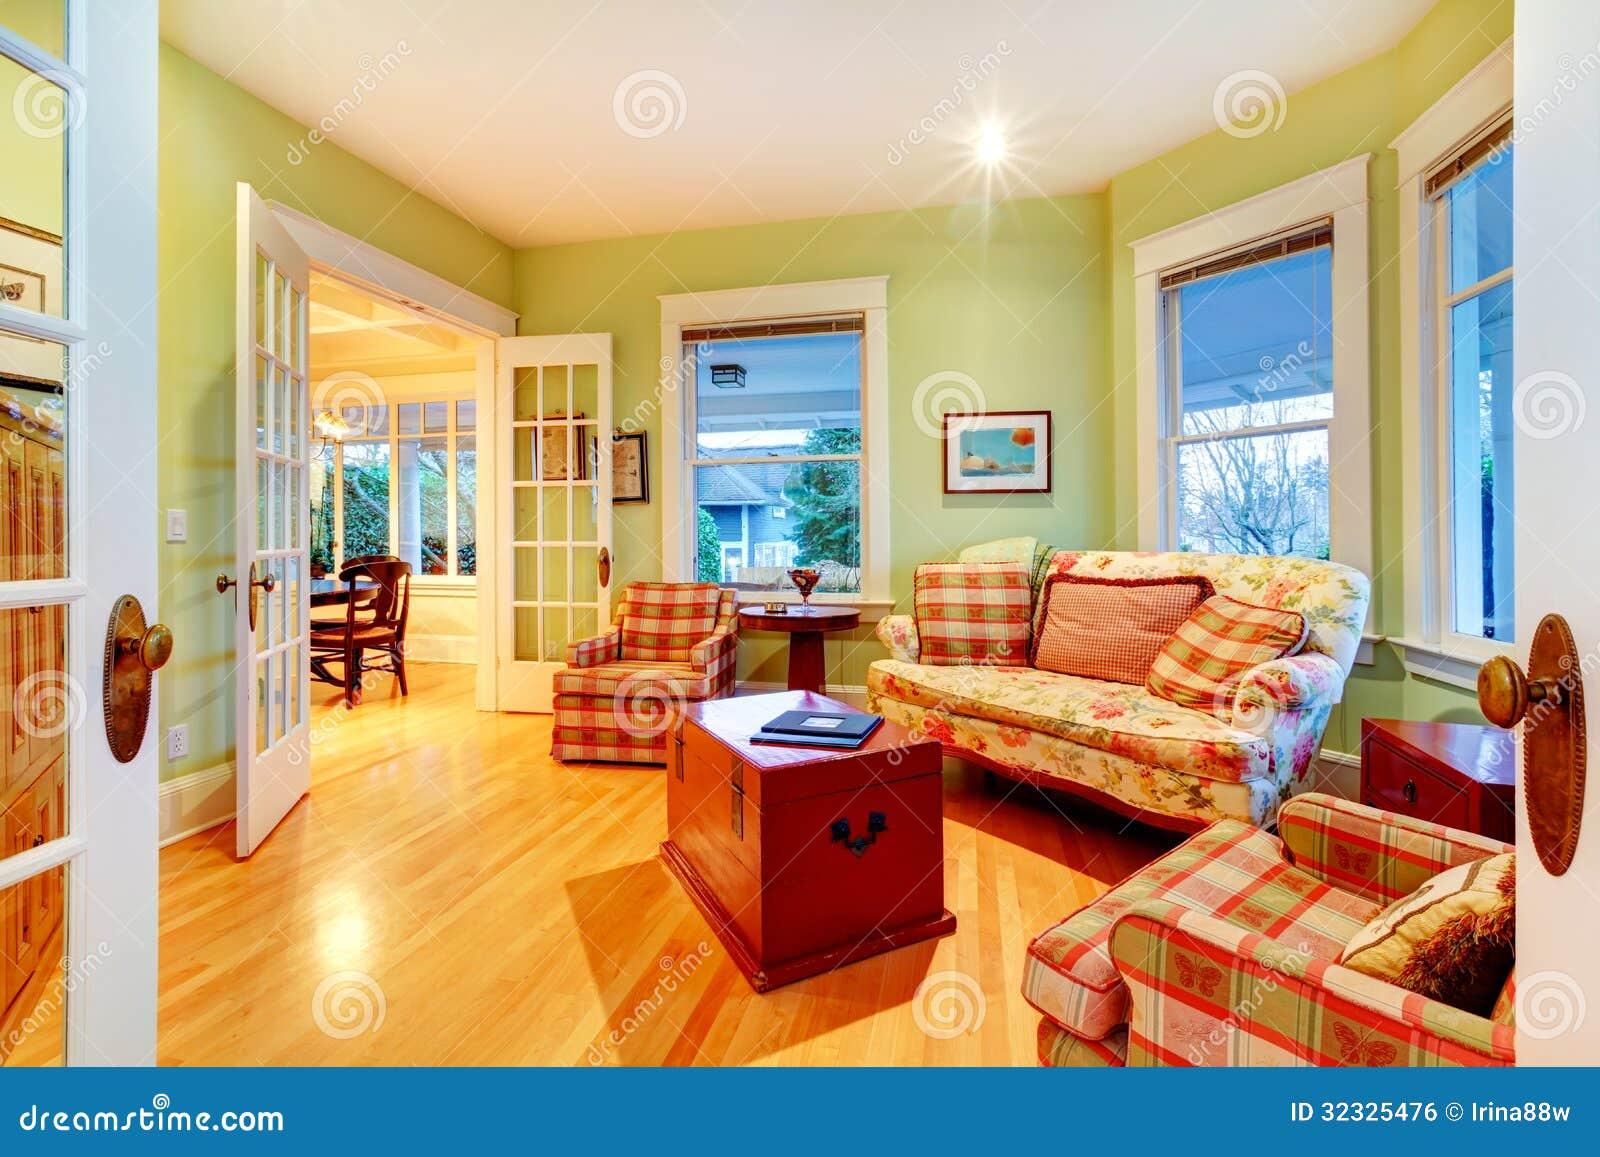 Guld  ljust   grön lyxig vardagsrum med röda soffor. royaltyfri ...